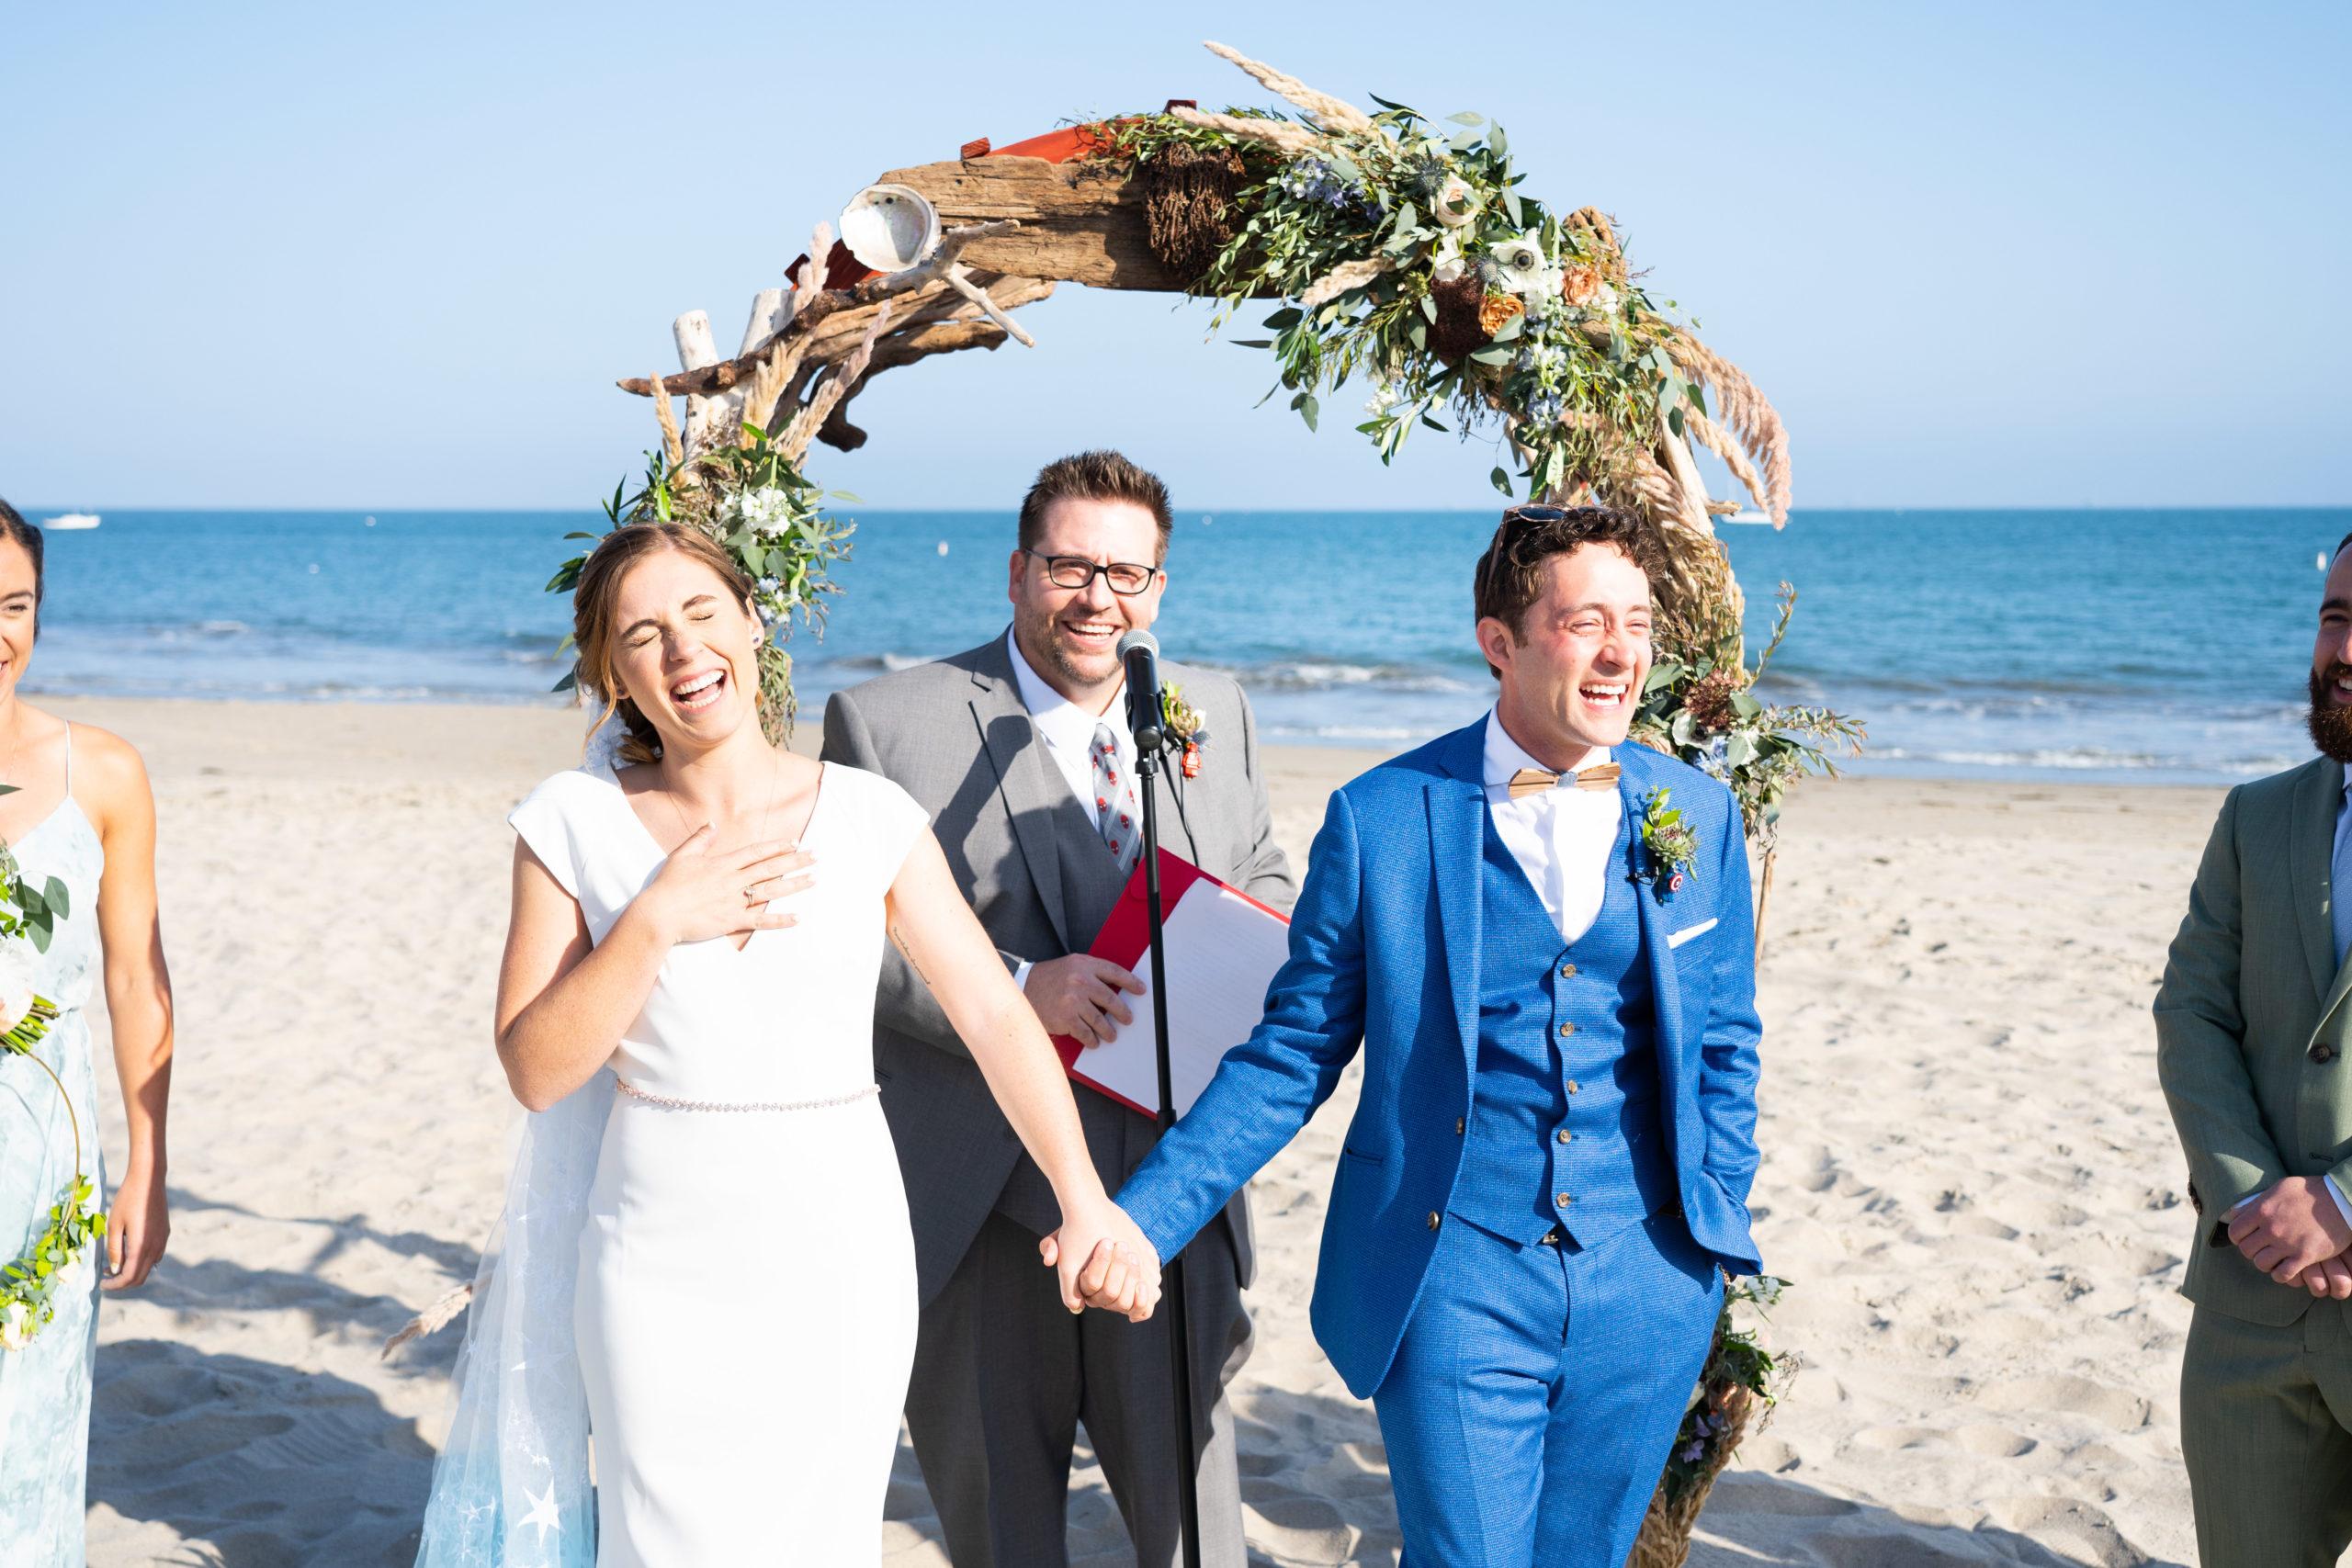 Bride Groom Ceremony on Beach